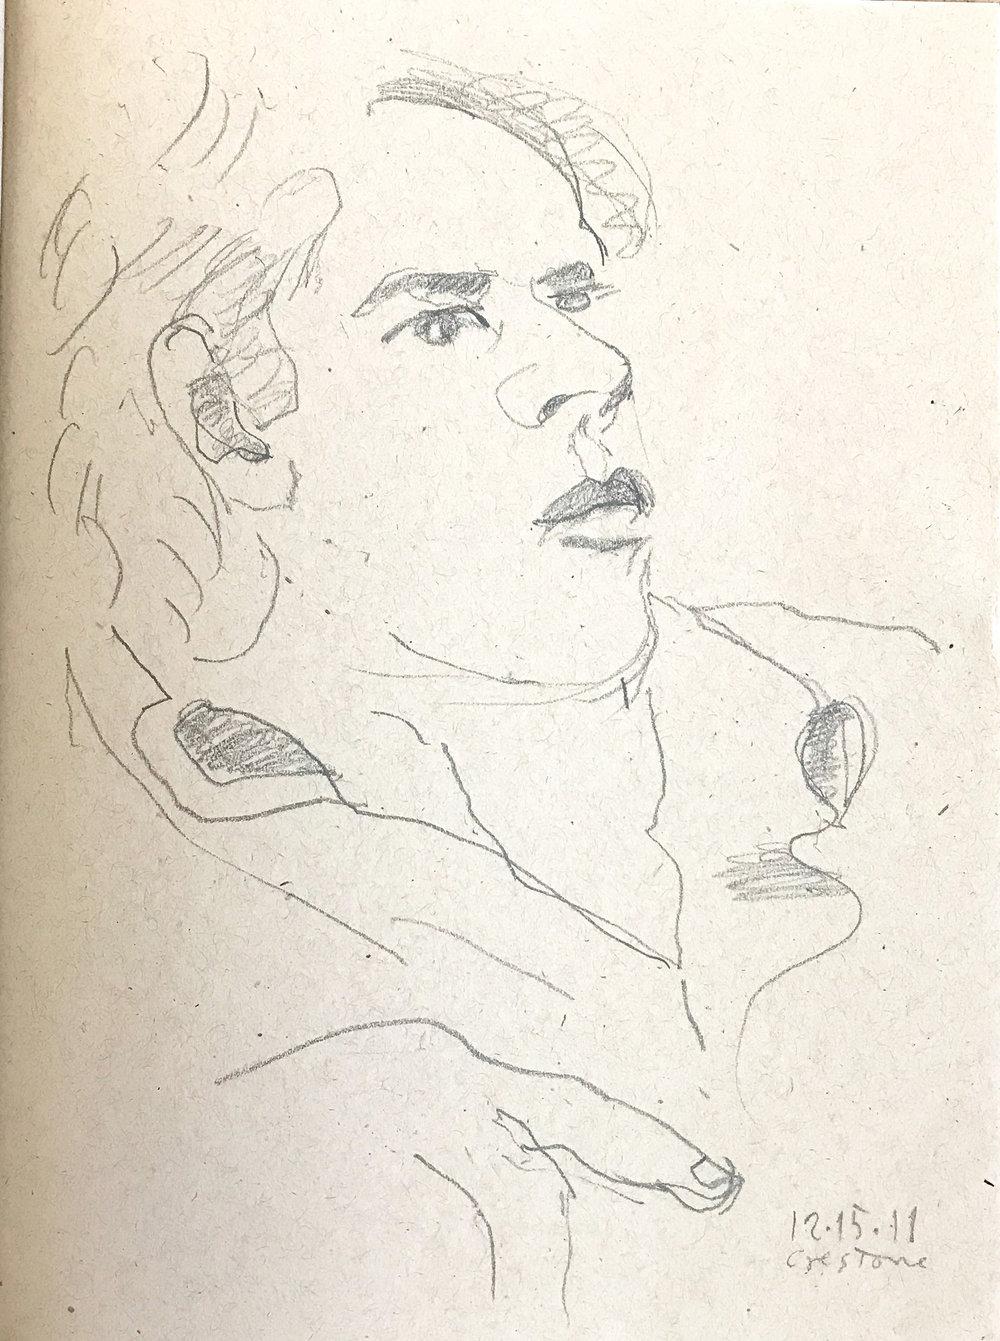 12-15-11 drawing